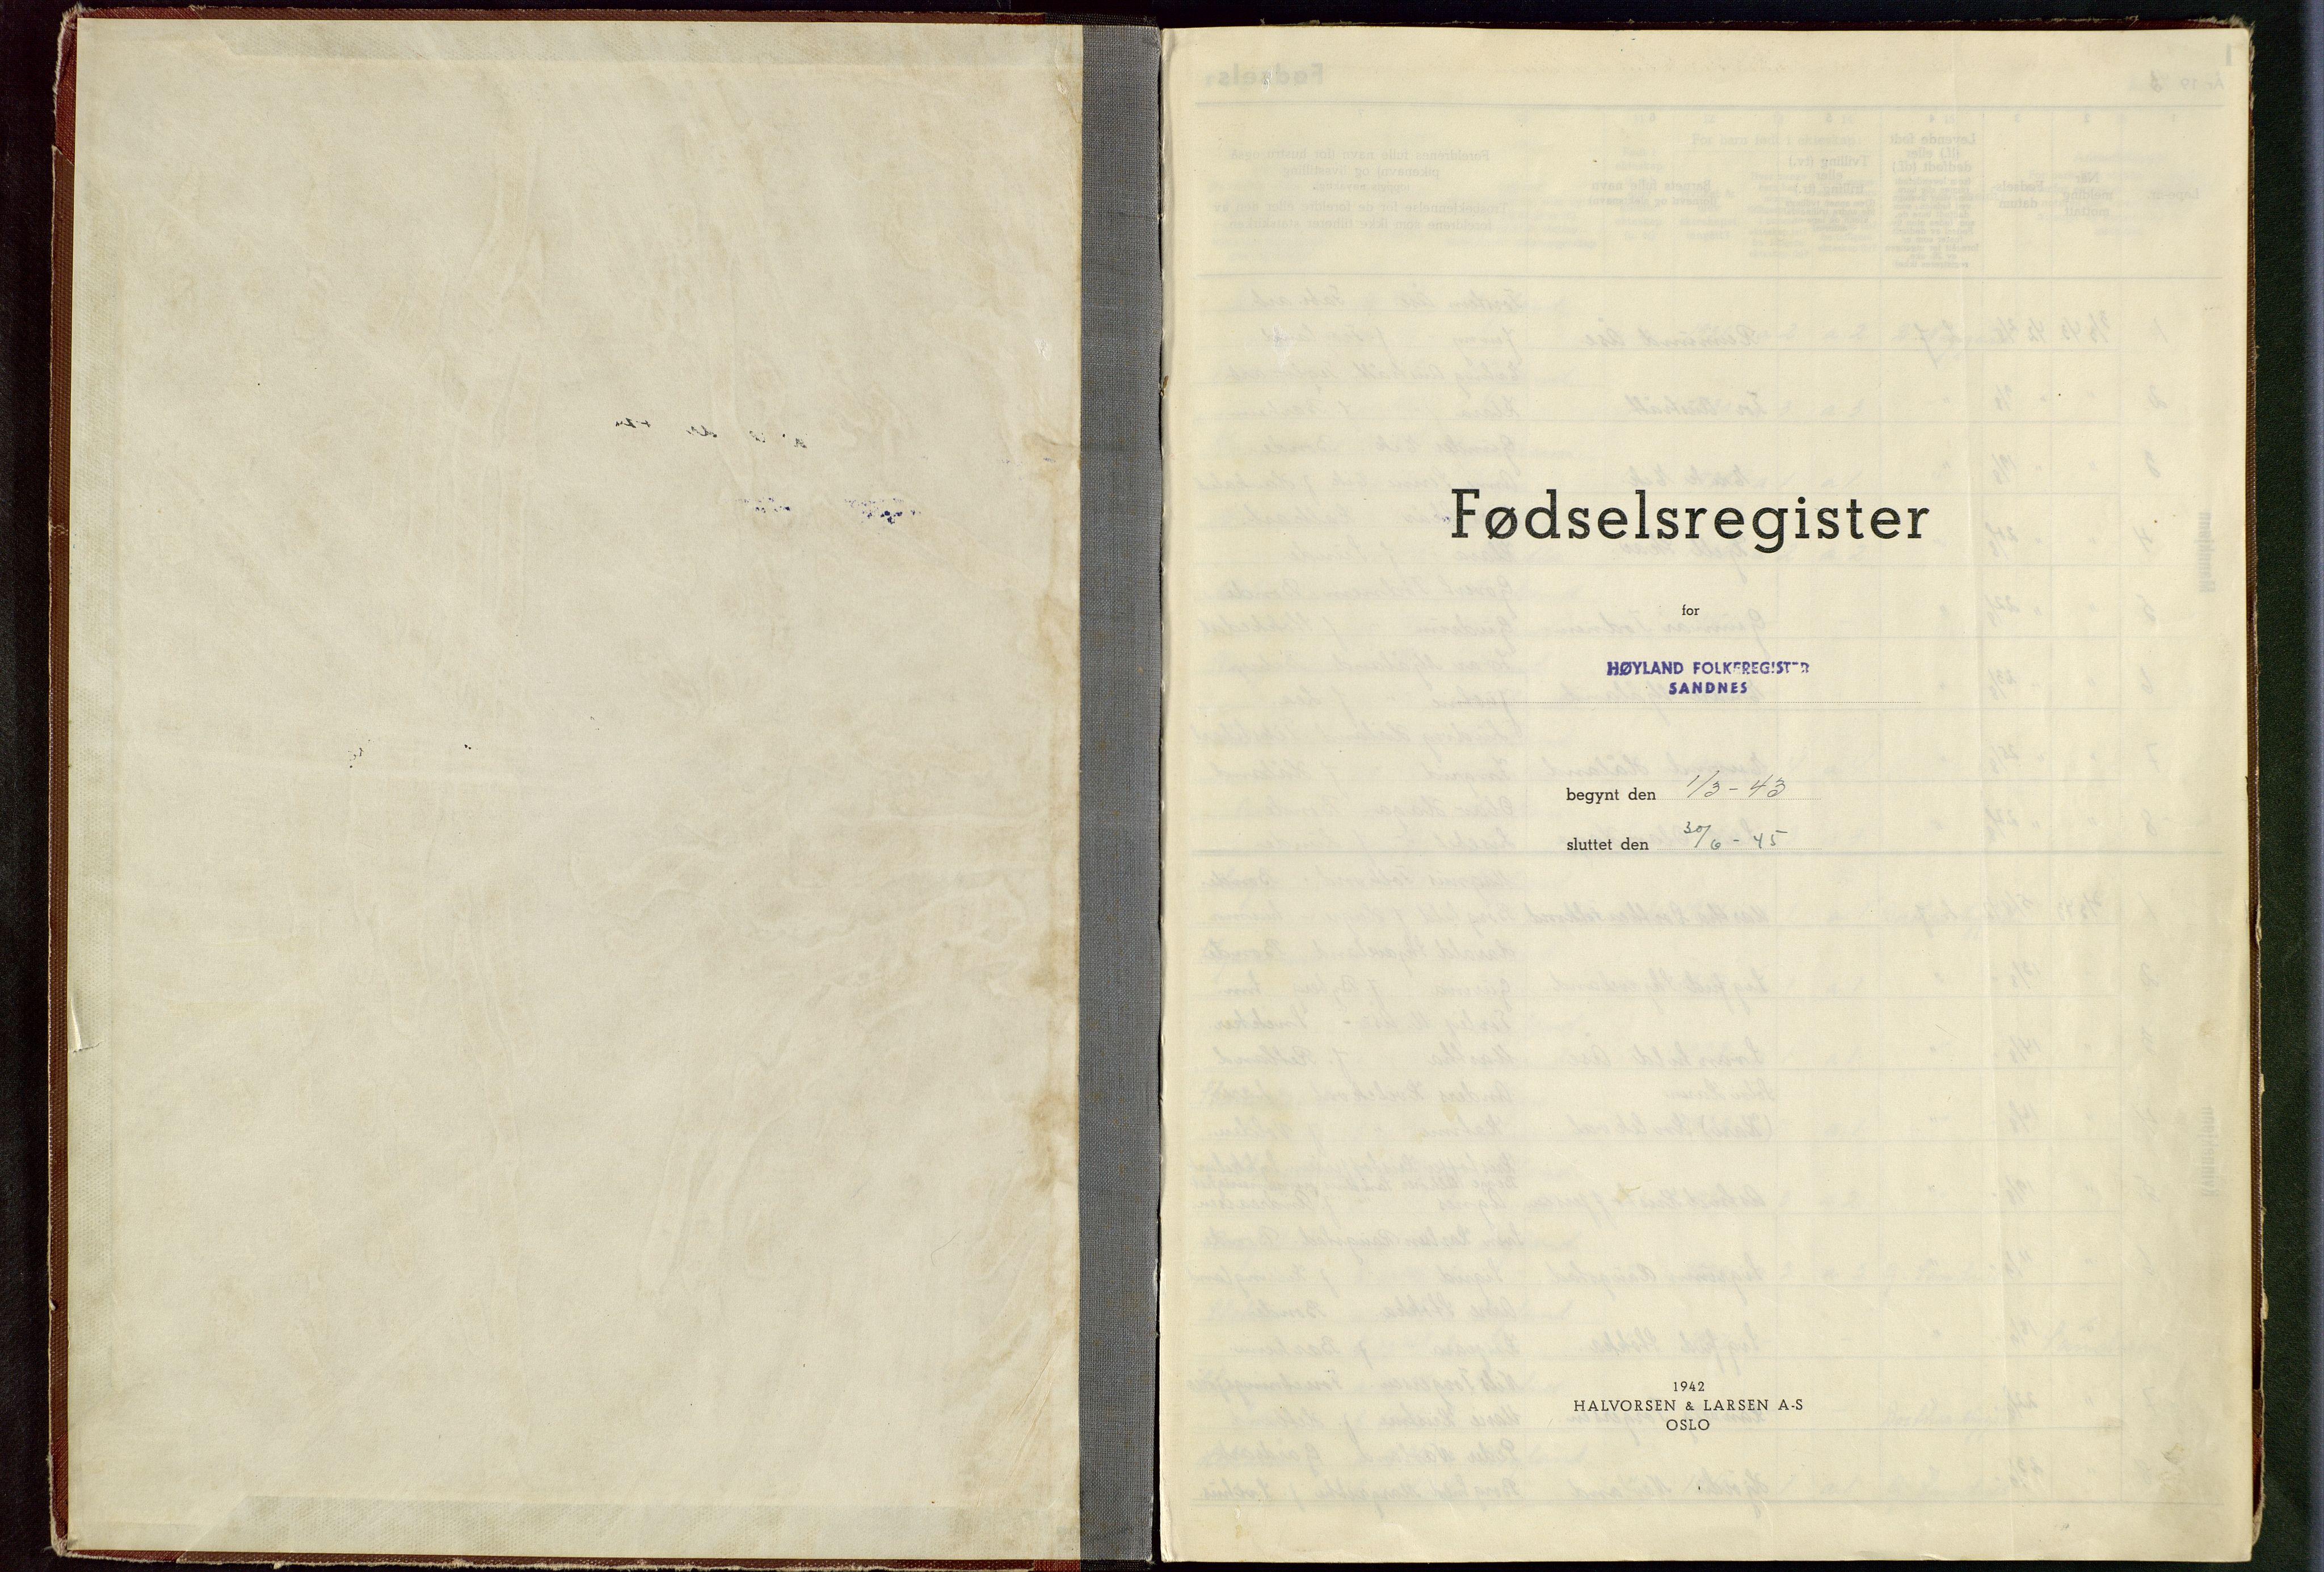 SAST, Høyland sokneprestkontor, O/L0004: Fødselsregister nr. 4, 1943-1945